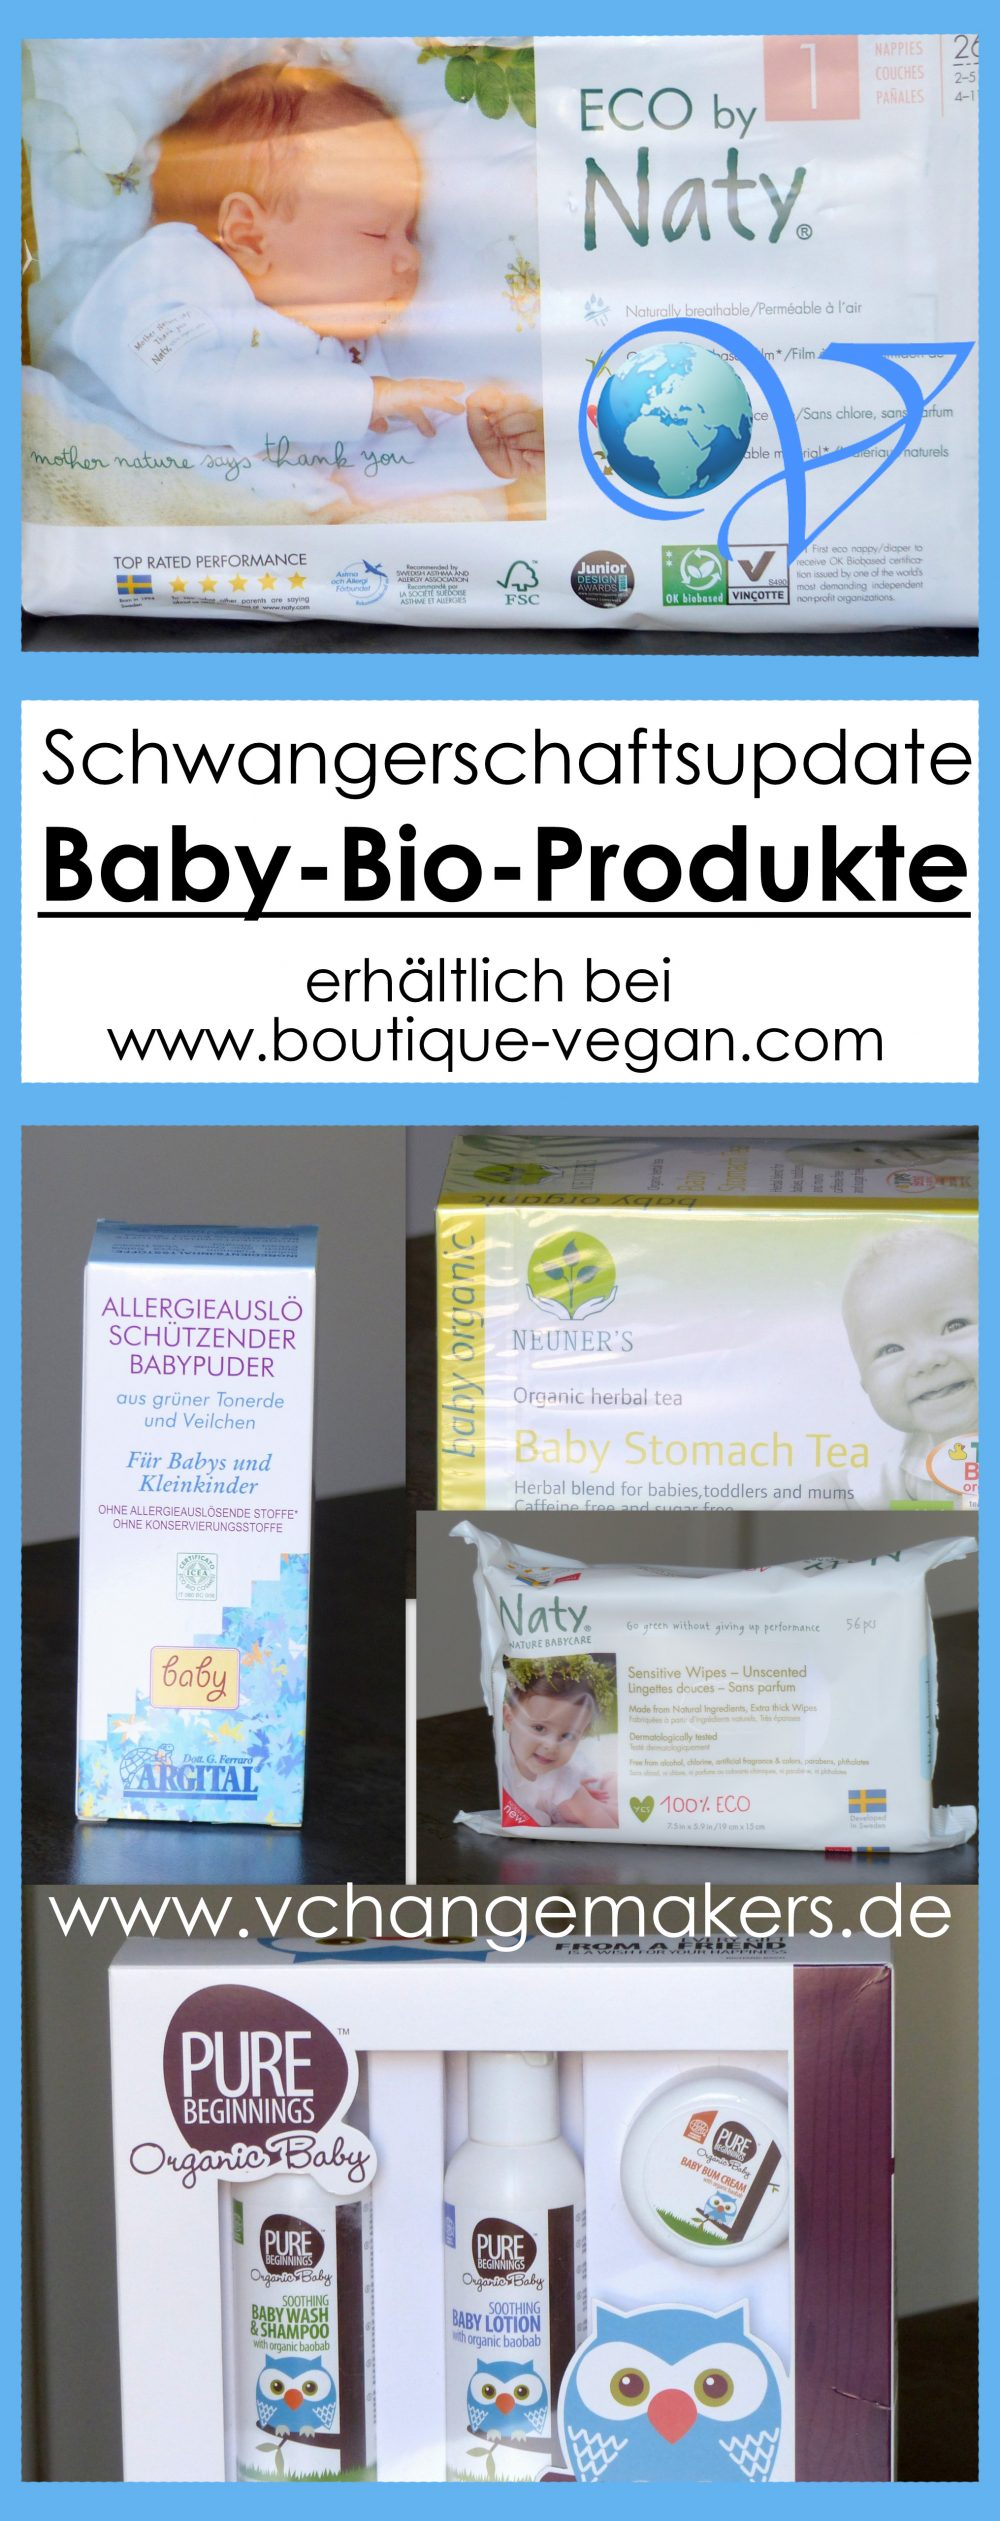 ssw39-babybauch-veganeschwangerschaft-pinterest3